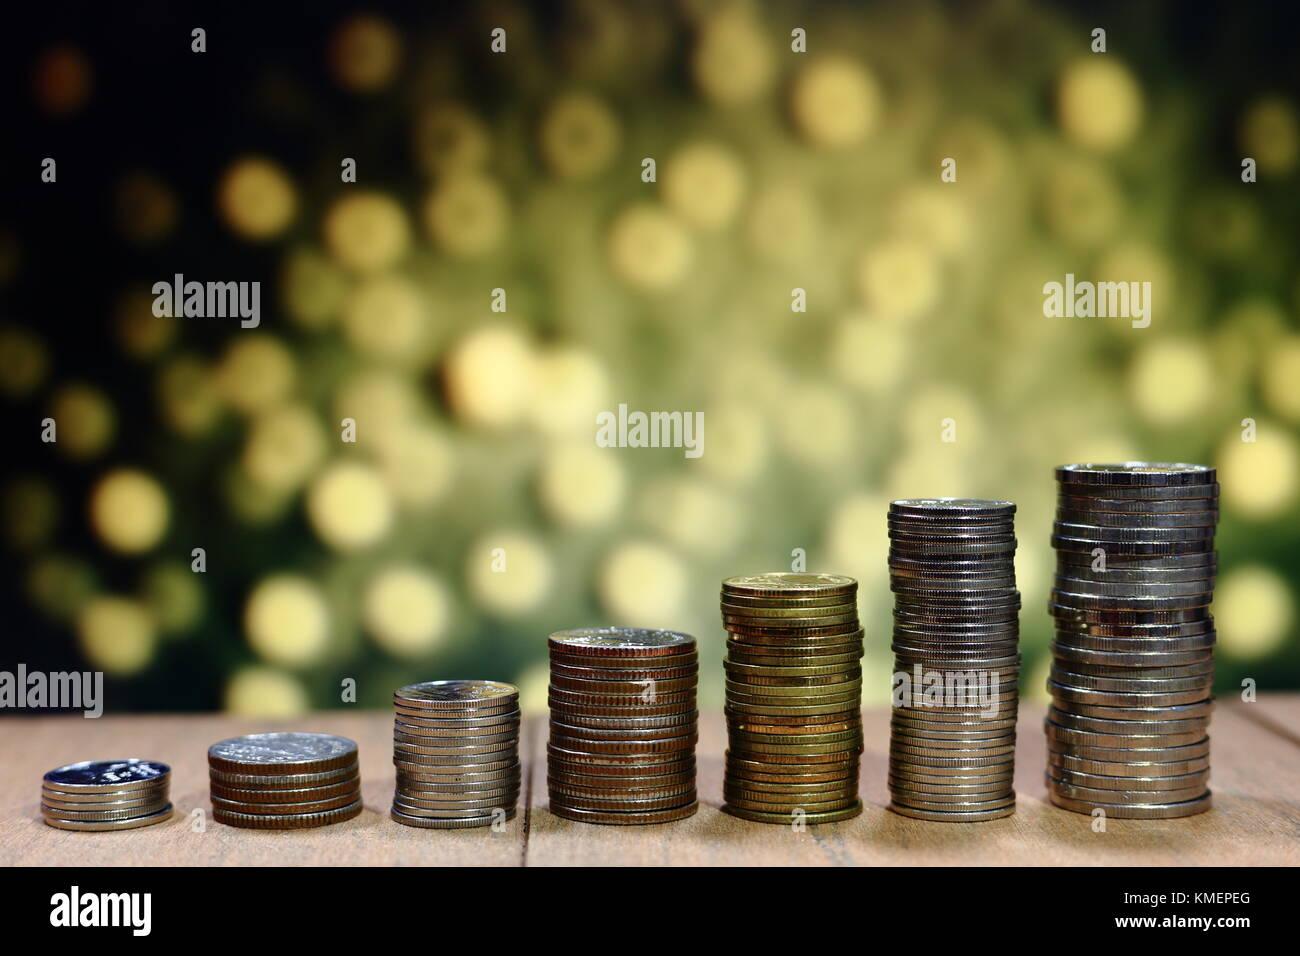 Pila di monete in aumento grafico schema grafico. la crescita aziendale concetto. giallo arancione luccicante puntino Immagini Stock